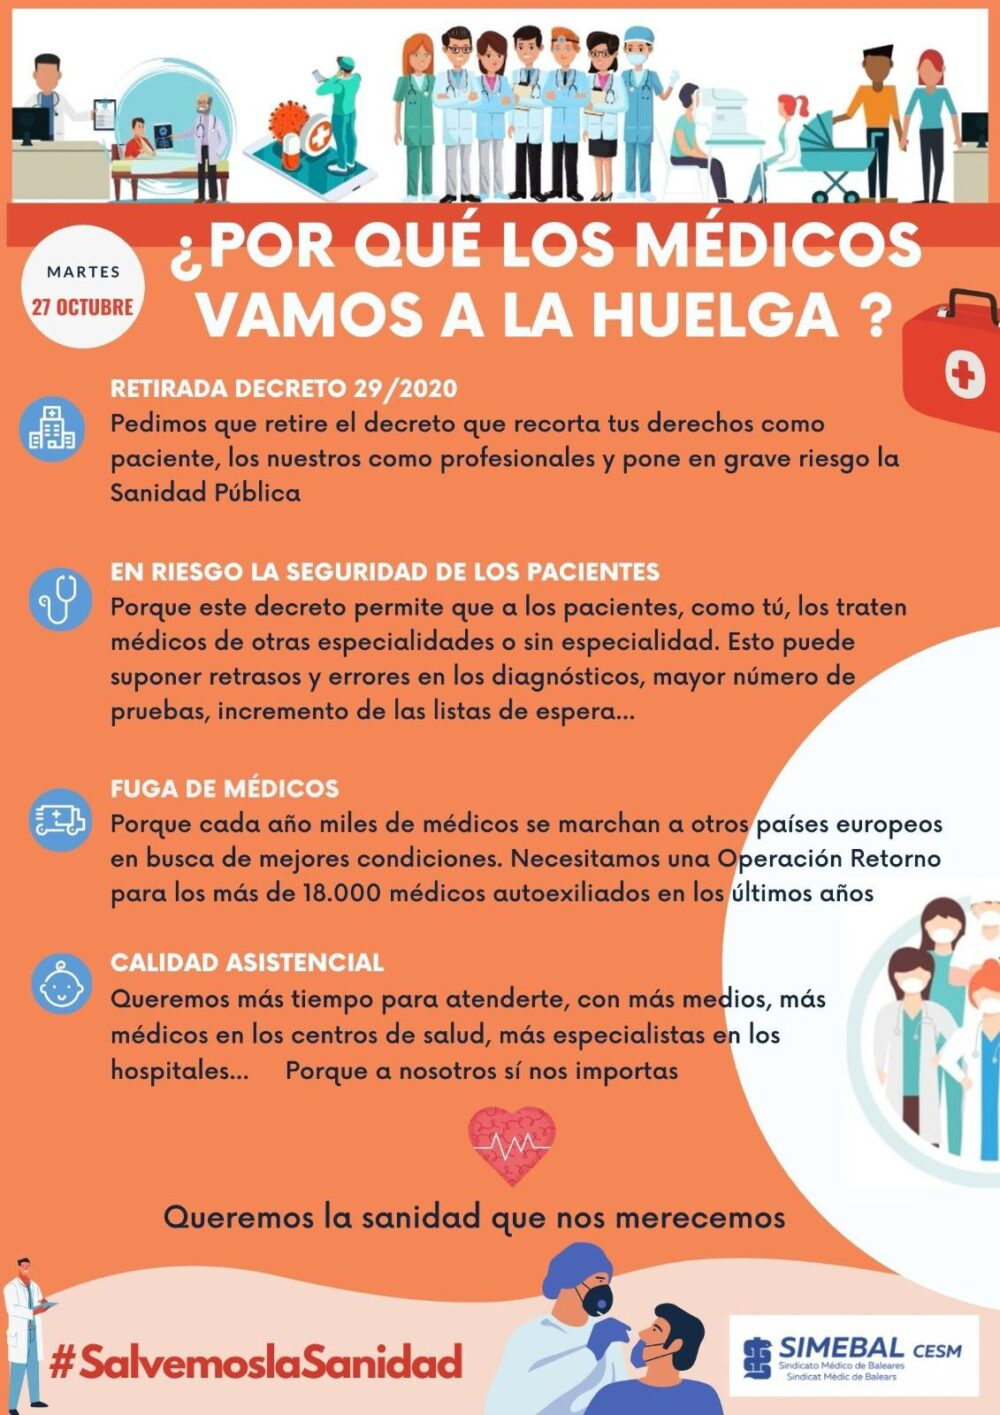 ¿Sabíais que los médicos españoles están de huelga?